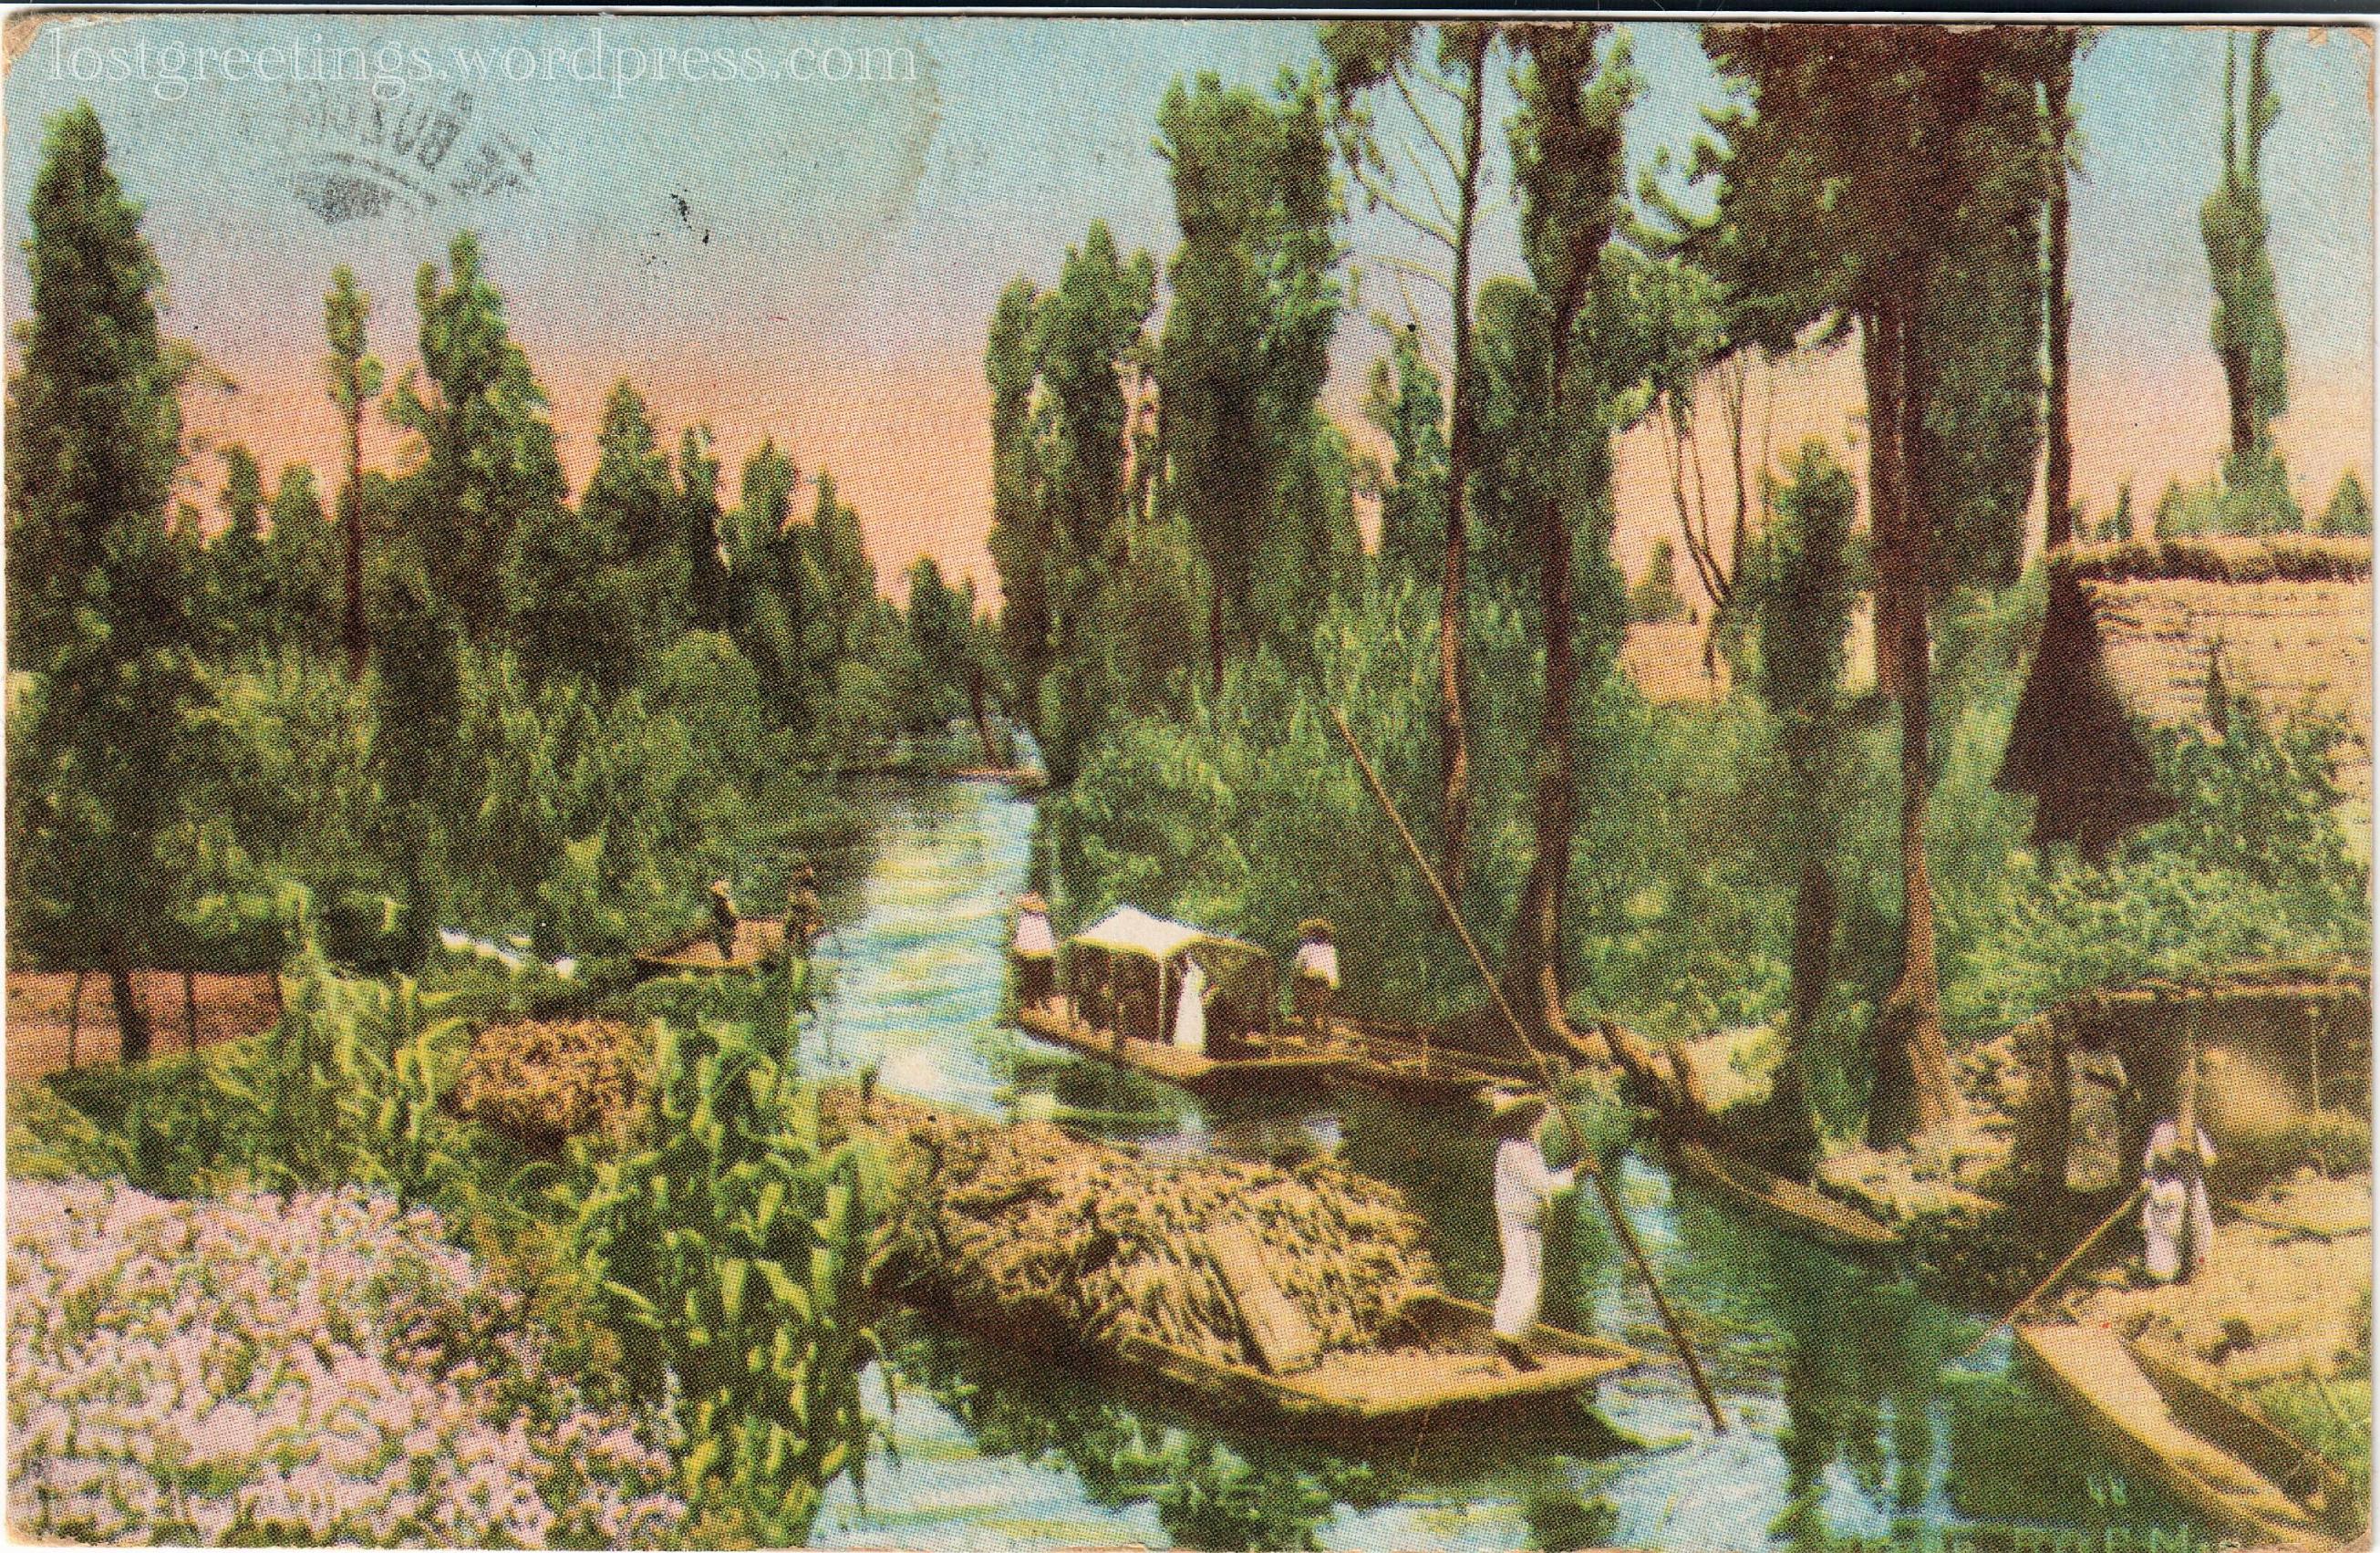 1920 Scenic Postcard Image - Xochimilco, Mexico lg